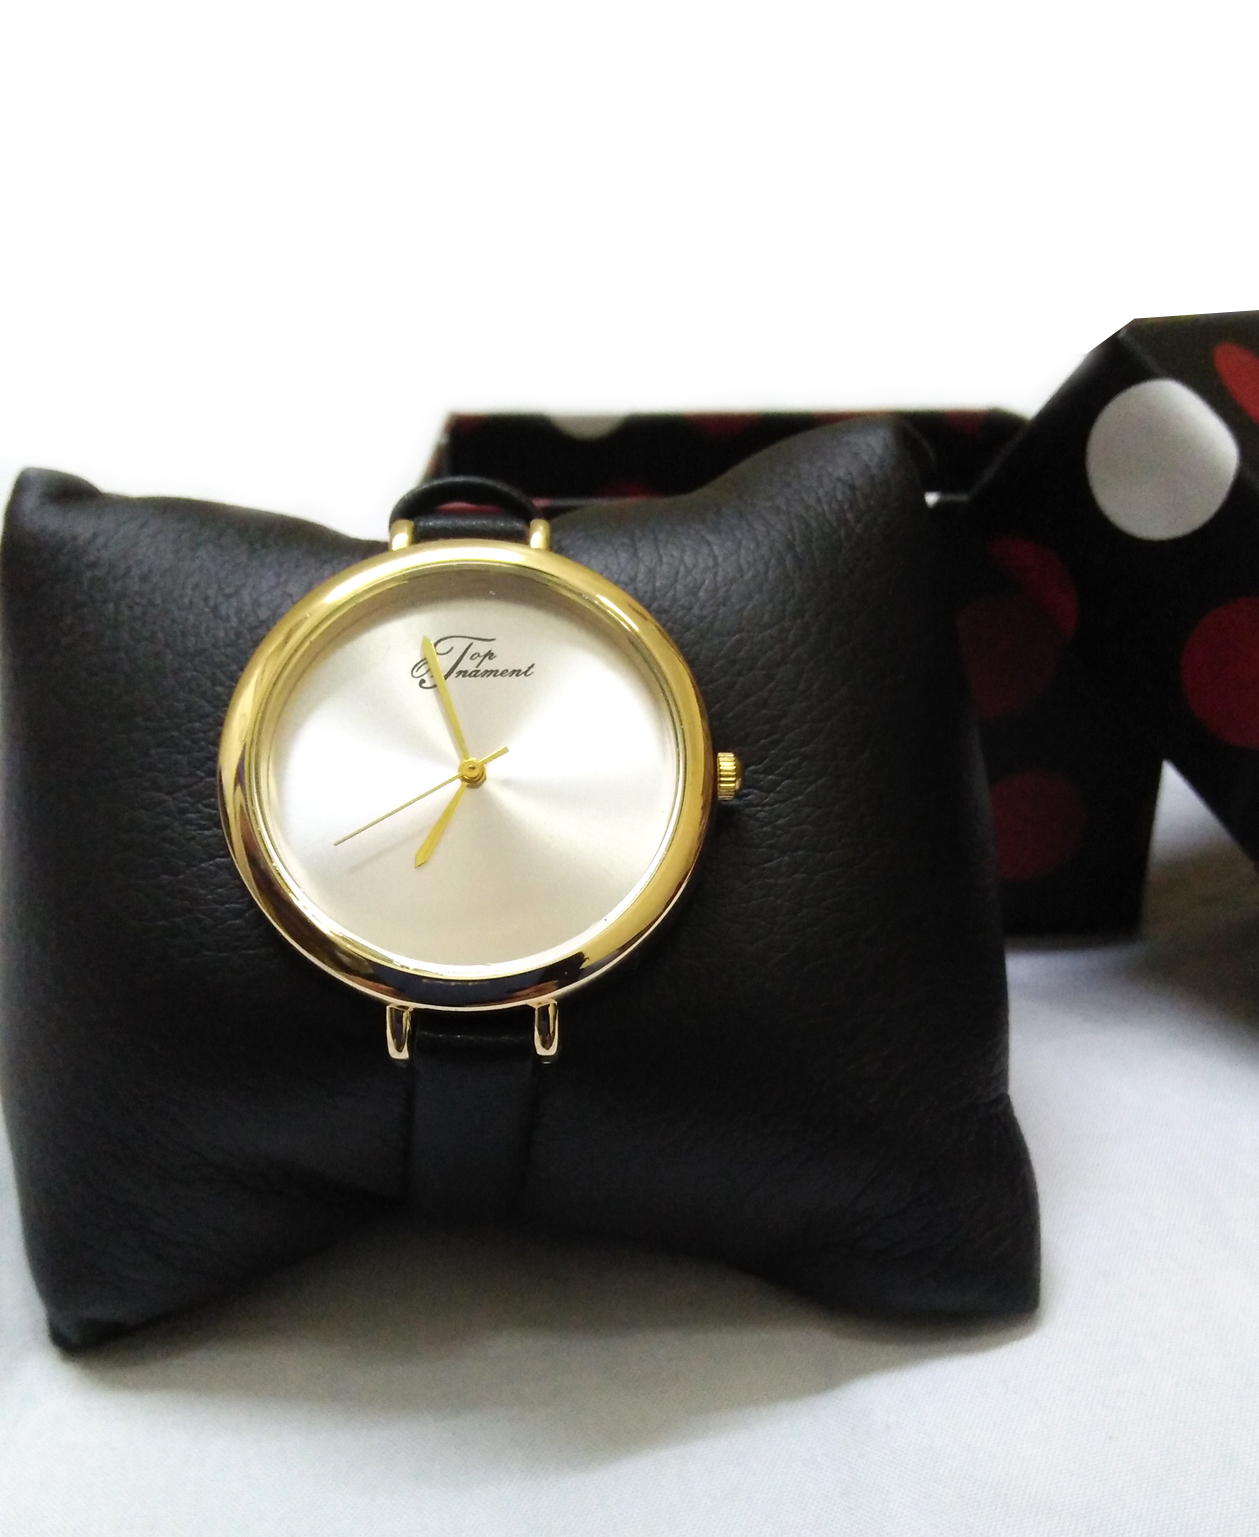 Montre Top Ornament Black Mood pour femme